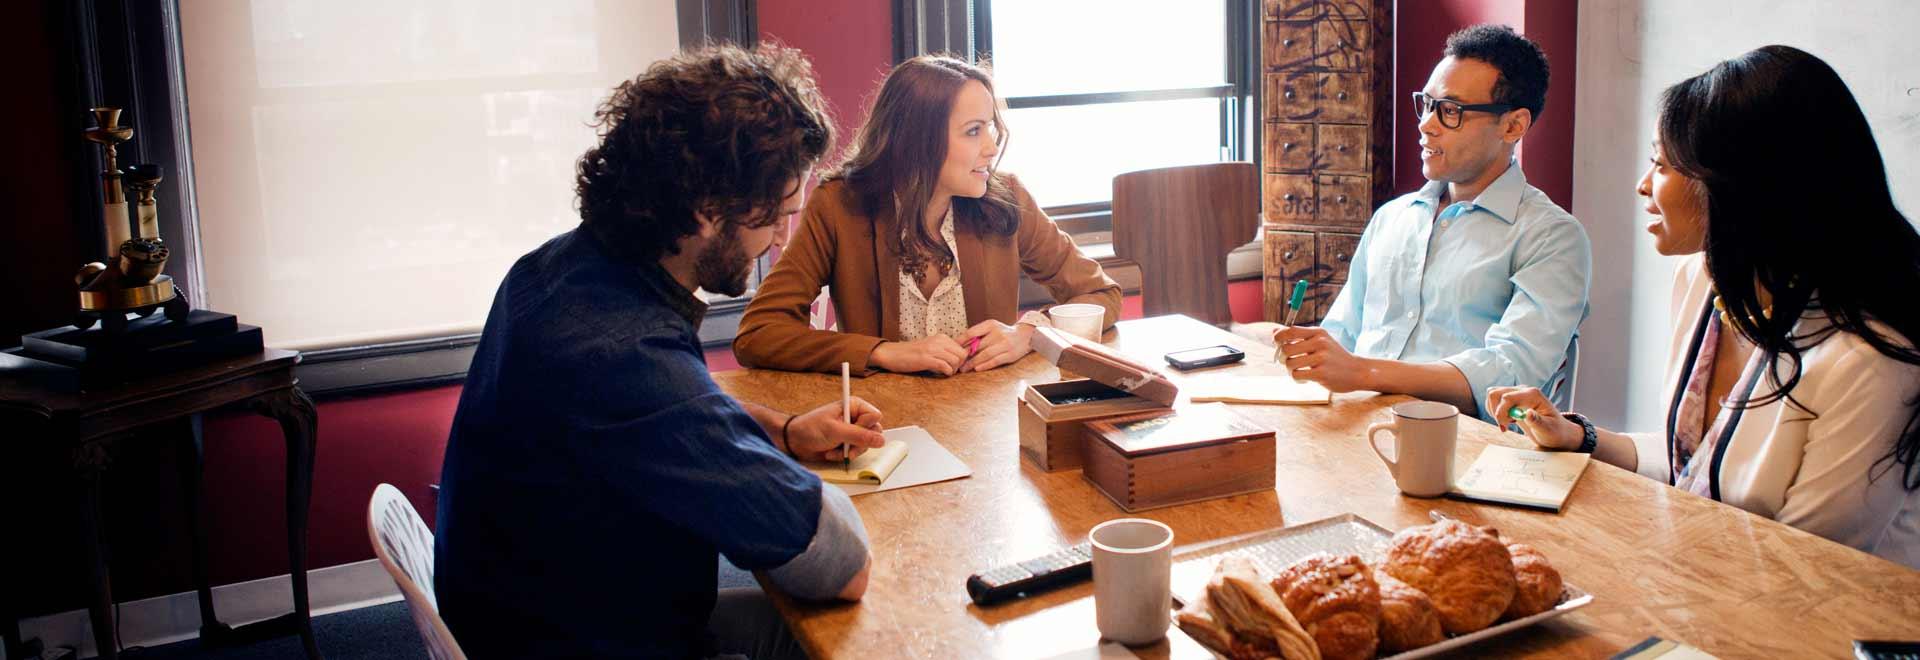 Quattro persone al lavoro in ufficio che usano Office 365 Enterprise E3.